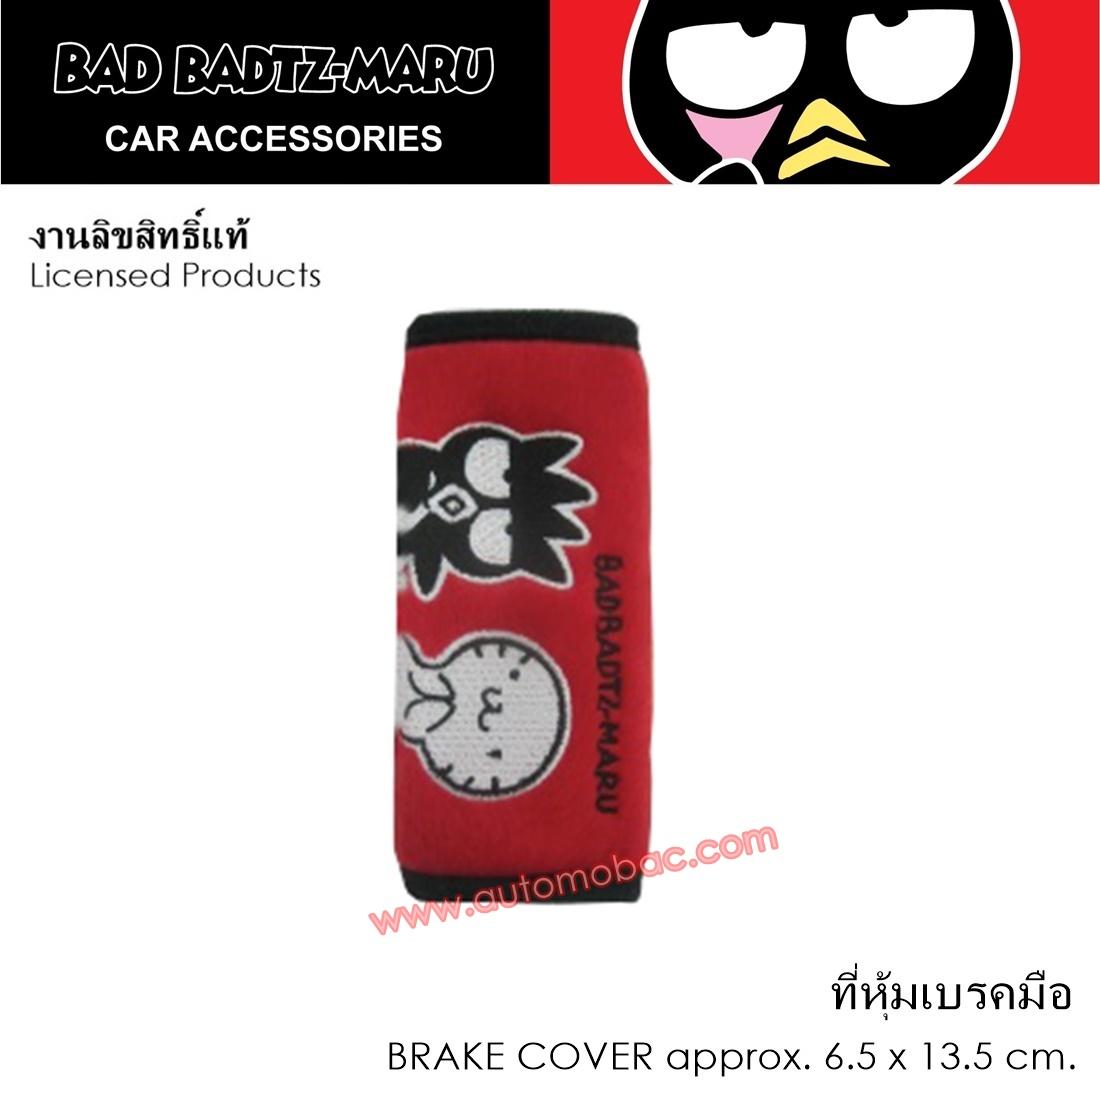 BAD BADTZ-MARU ที่หุ้มเบรกมือ 1 ชิ้น BRAKE COVER ถอดซักได้ งานลิขสิทธิ์แท้